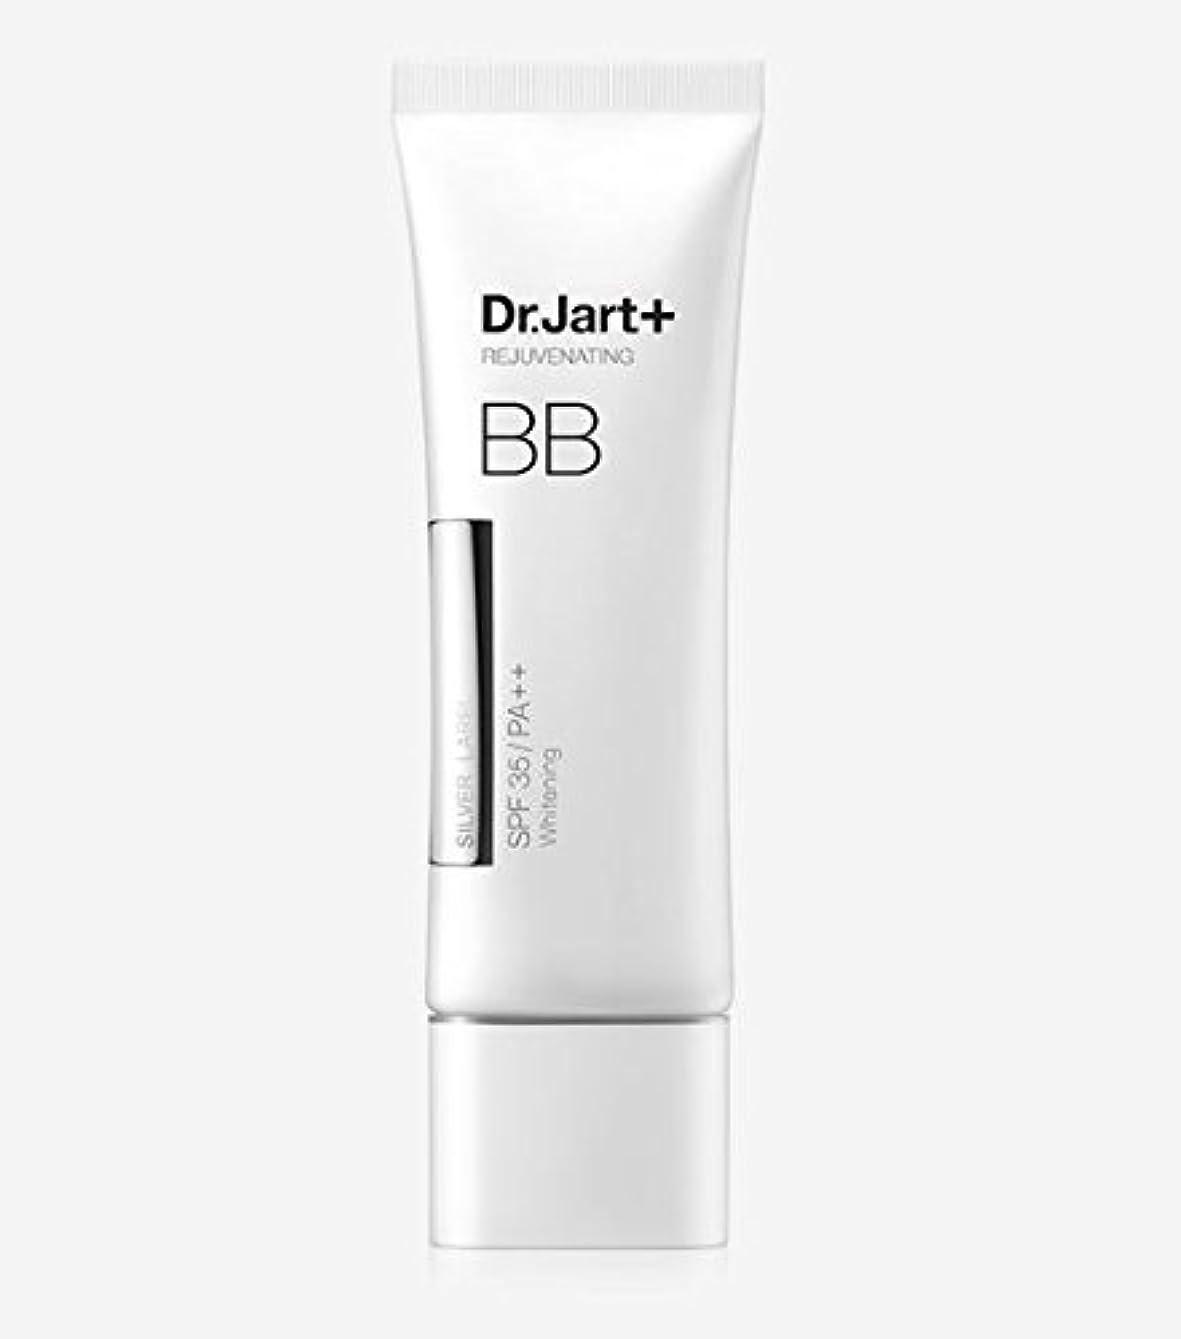 感性ご近所火傷[Dr. Jart] Silver Label BB Rejuvenating Beauty Balm 50ml SPF35 PA++/[ドクタージャルト] シルバーラベル BB リジュビネイティング ビューティー バーム...